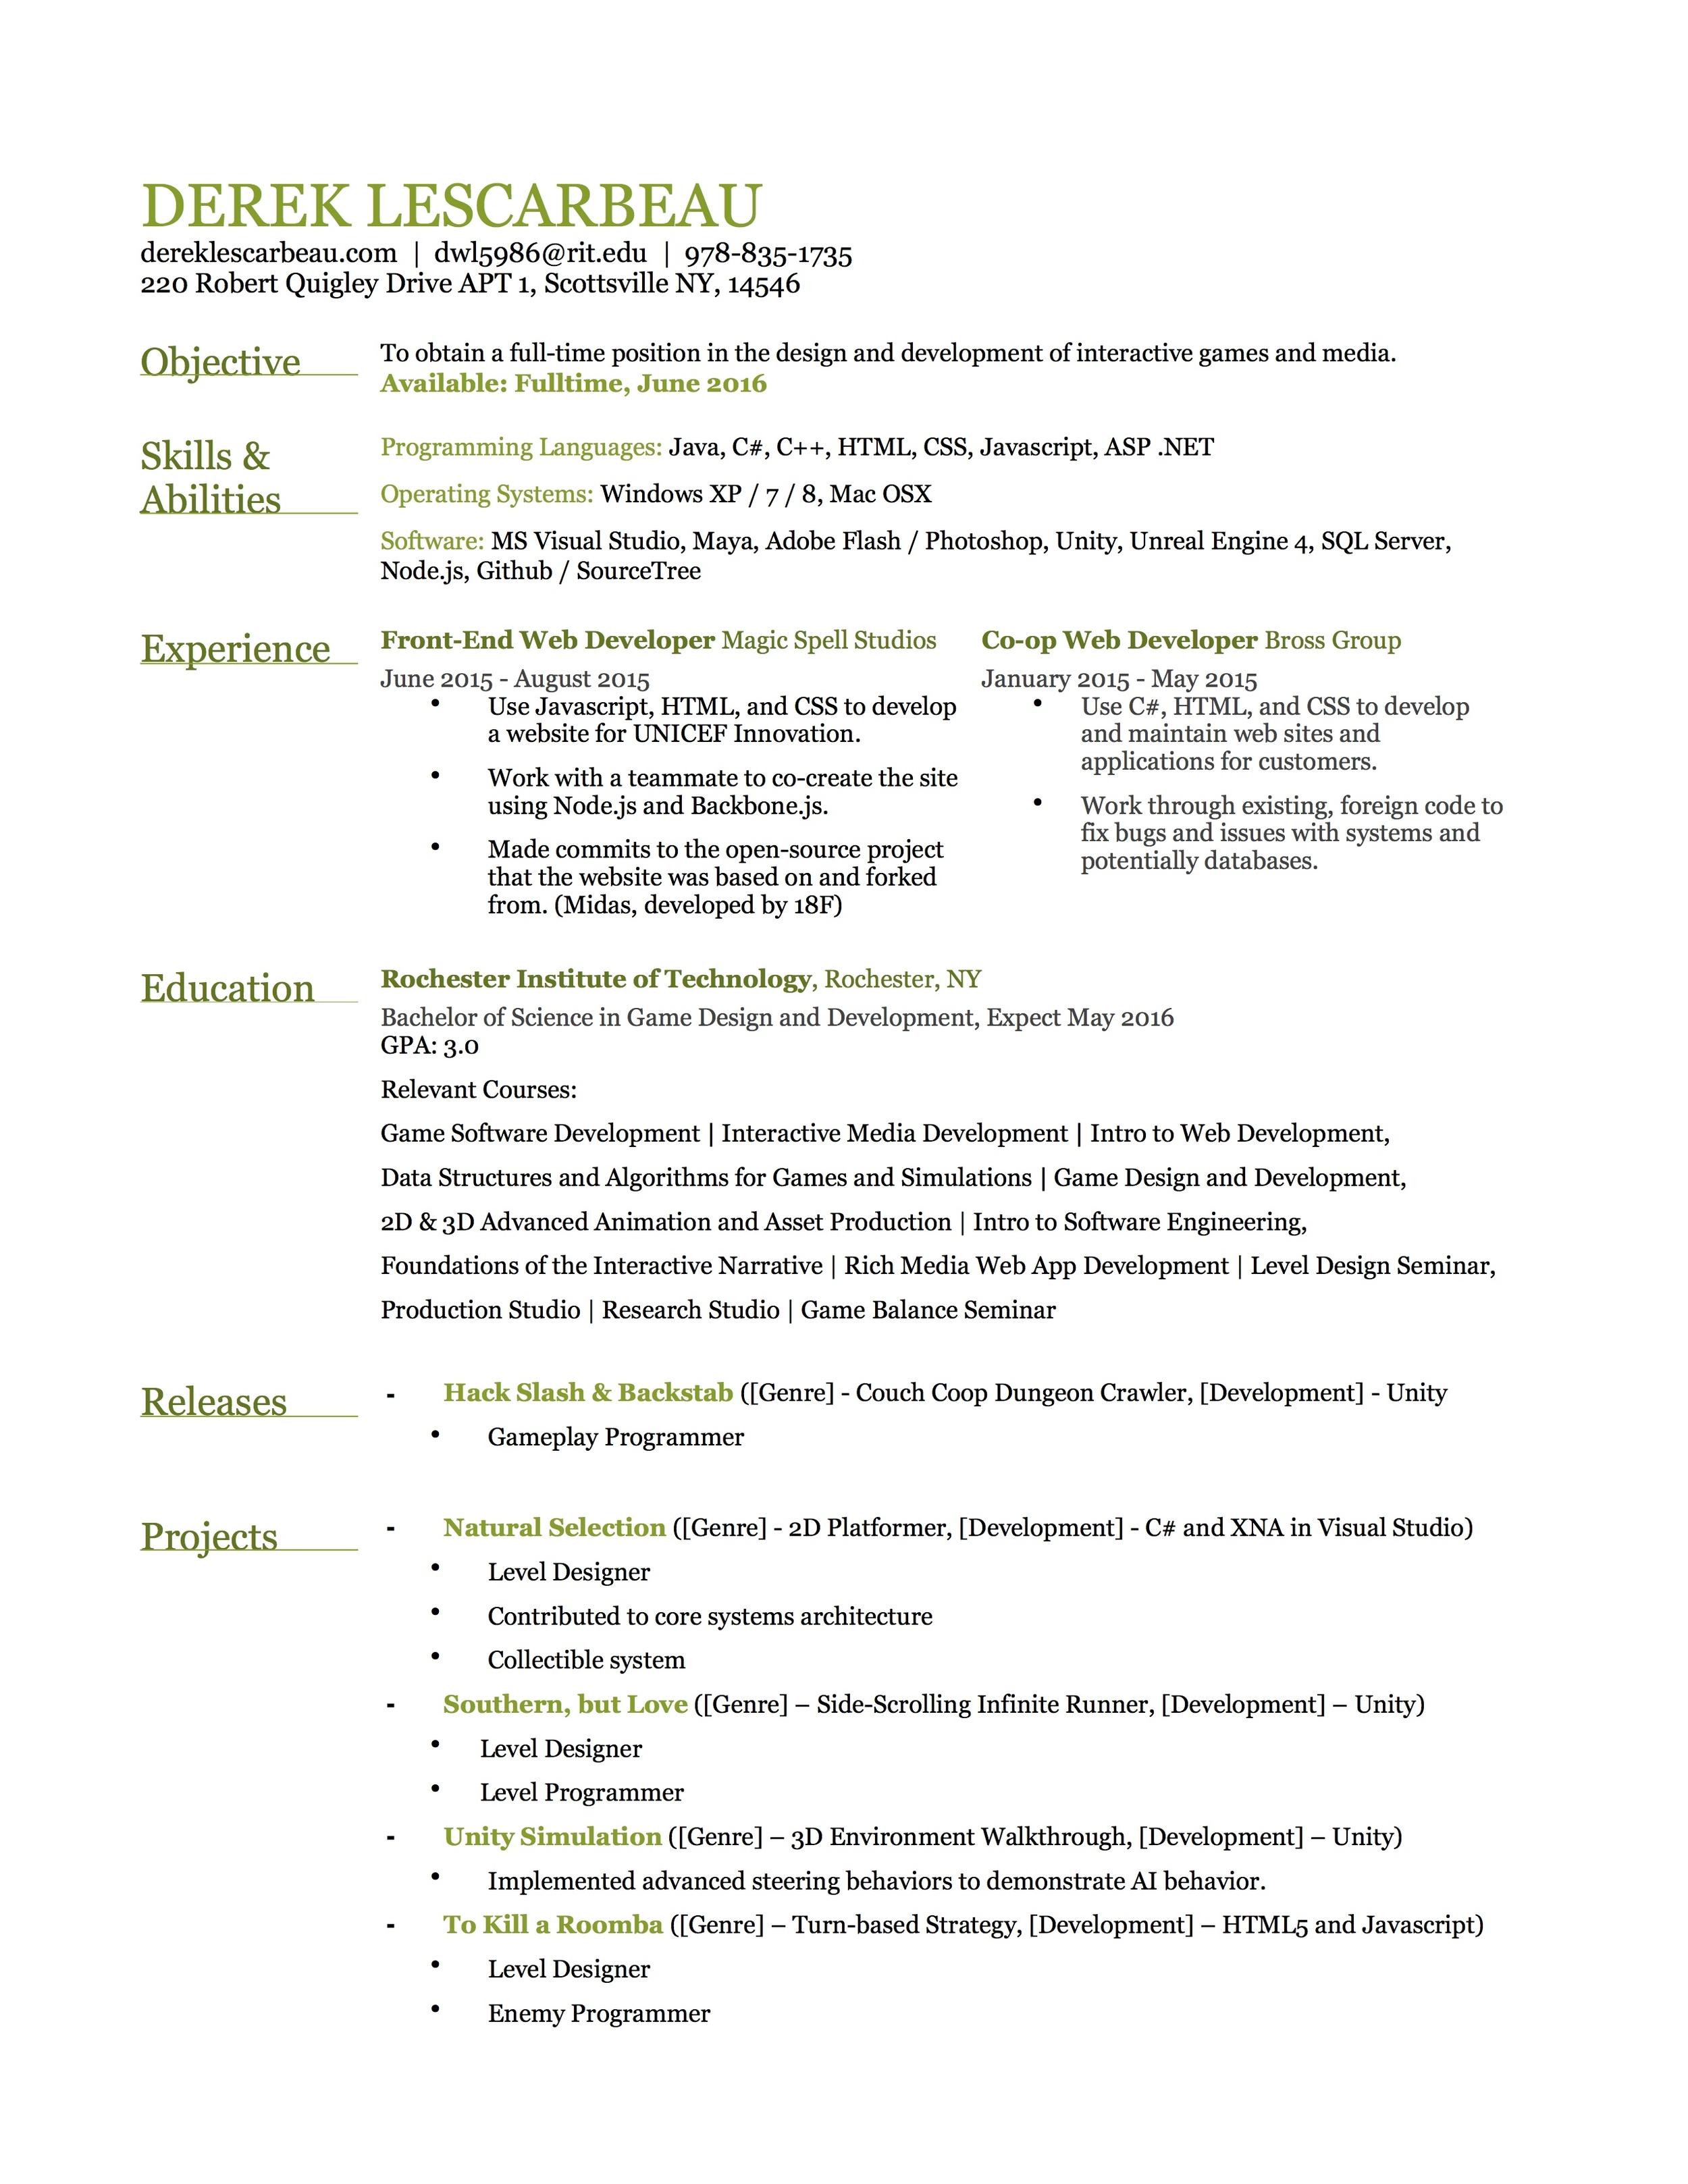 Resume JPEG